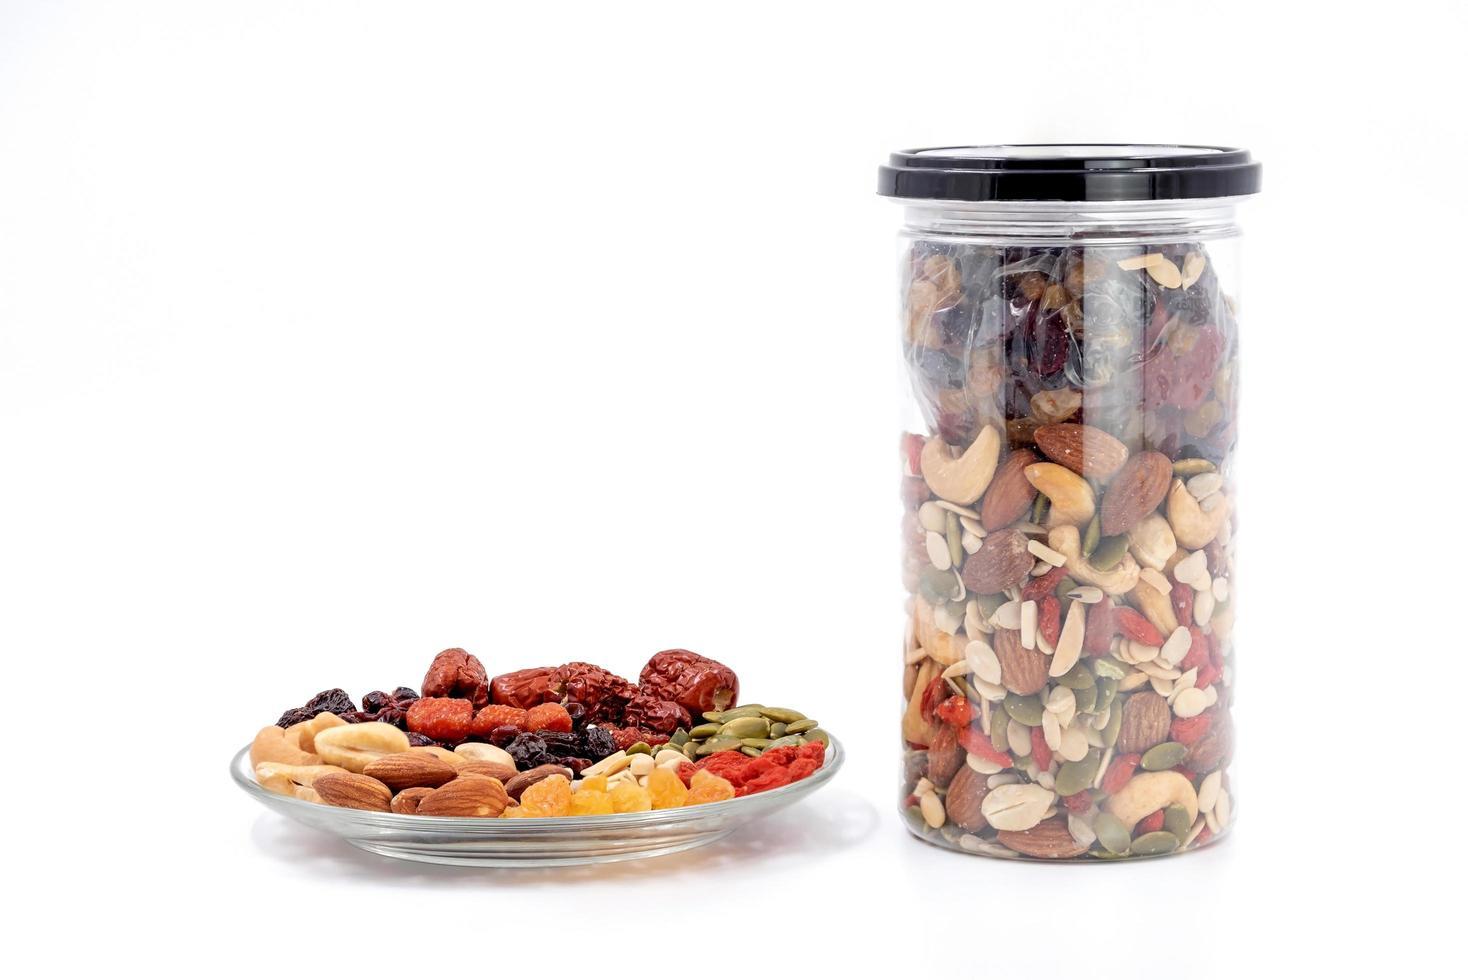 Vollkornprodukte und Trockenfrüchte in einer Glasplatte und einer Plastikflasche. foto